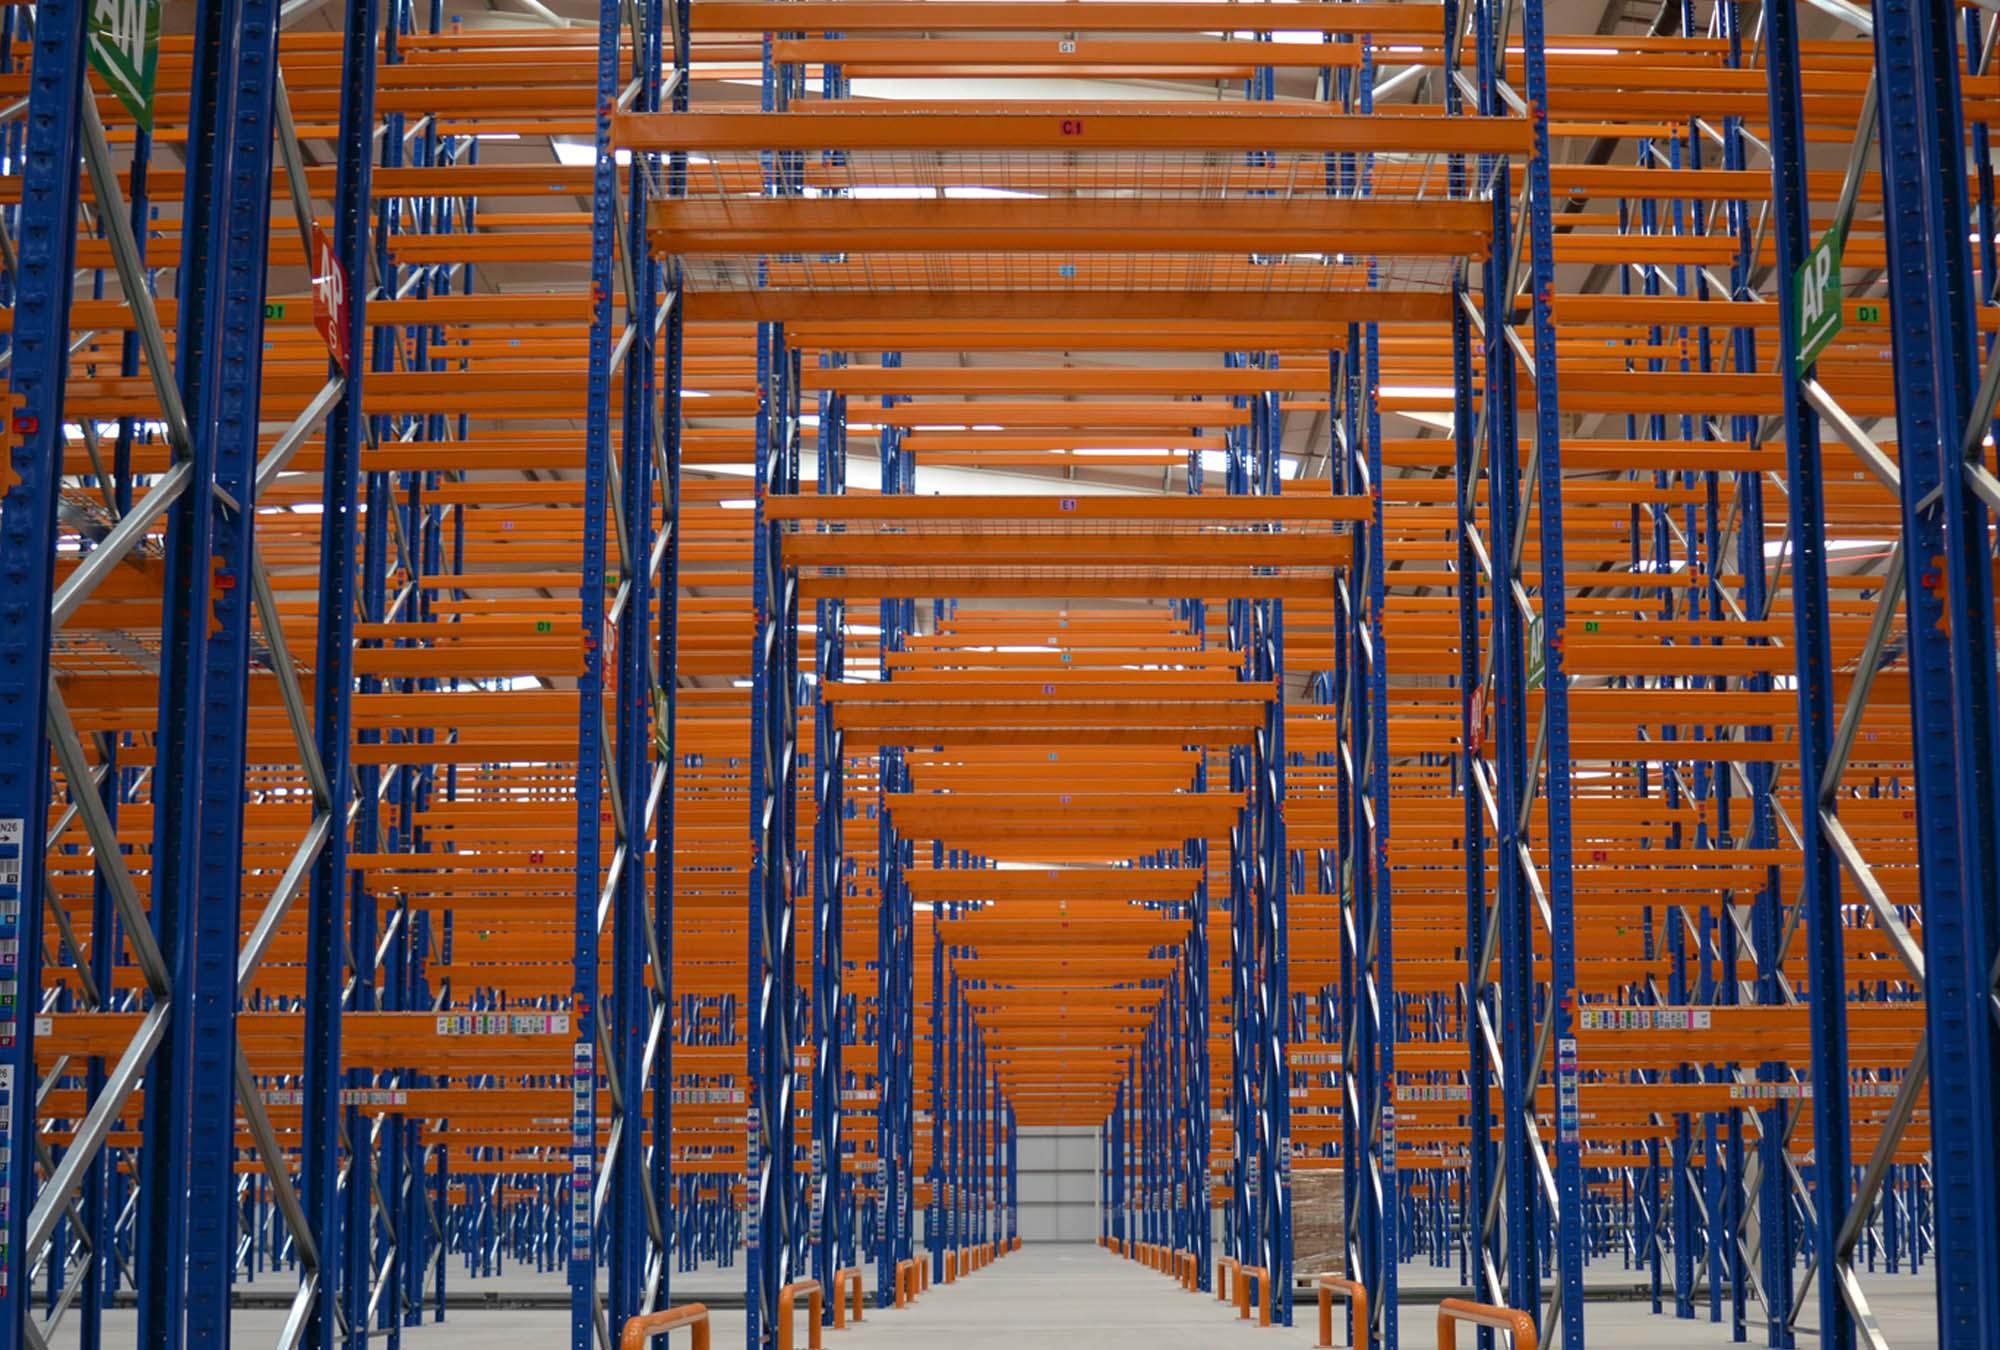 Warehouse Pallet Racking   Warehouse Design & Packing